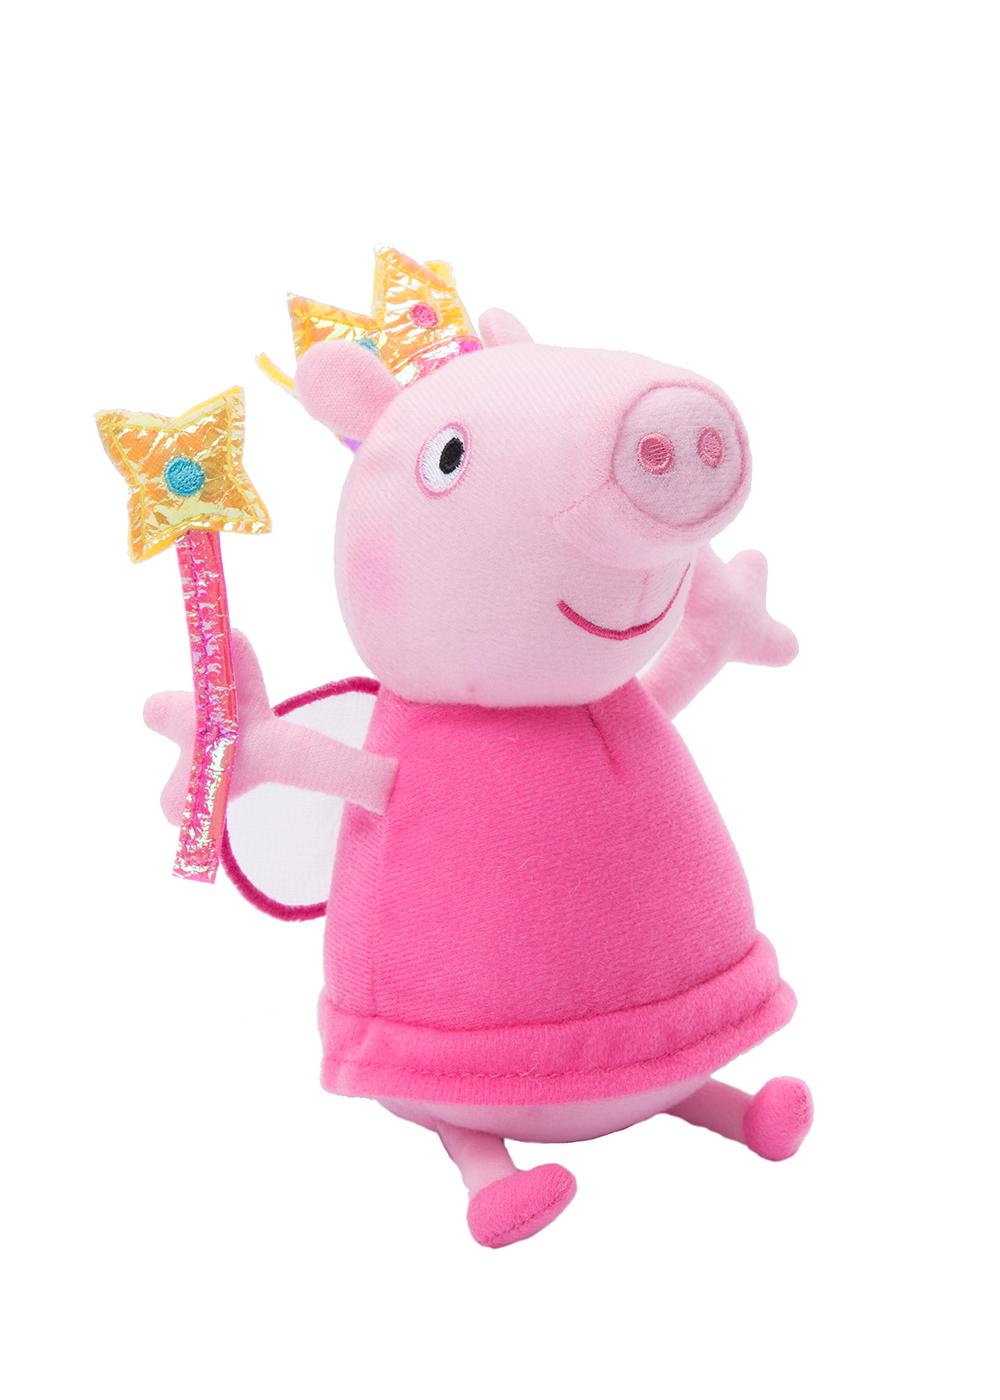 Peppa Pig Мягкая игрушка Пеппа Фея с палочкой 20 см31152Очаровательная мягкая игрушка Свинки Пеппы в виде Феи с крылышками и волшебной палочкой приведет в восторг вашу малышку и станет ей лучшей подругой. С любимой героиней мультфильма необыкновенно весело играть, игрушку легко можно брать с собой в садик или в гости. А если приобрести других персонажей из серии Peppa Pig, то ваша малышка оживит мультфильм прямо у вас дома, придумывая всё новые и новые приключения веселых героев. Мягкая игрушка Пеппа-фея с палочкой ТМ Свинка Пеппа высотой 20 см (размер указан с ножками) качественно сшита из мягкого, приятного на ощупь плюша, плотно набита. Глазки, носик и ротик вышиты. Корона, крылья и волшебная палочка выполнены из фетра и блестящего материала. Товар сертифицирован. Упаковка - пакет.